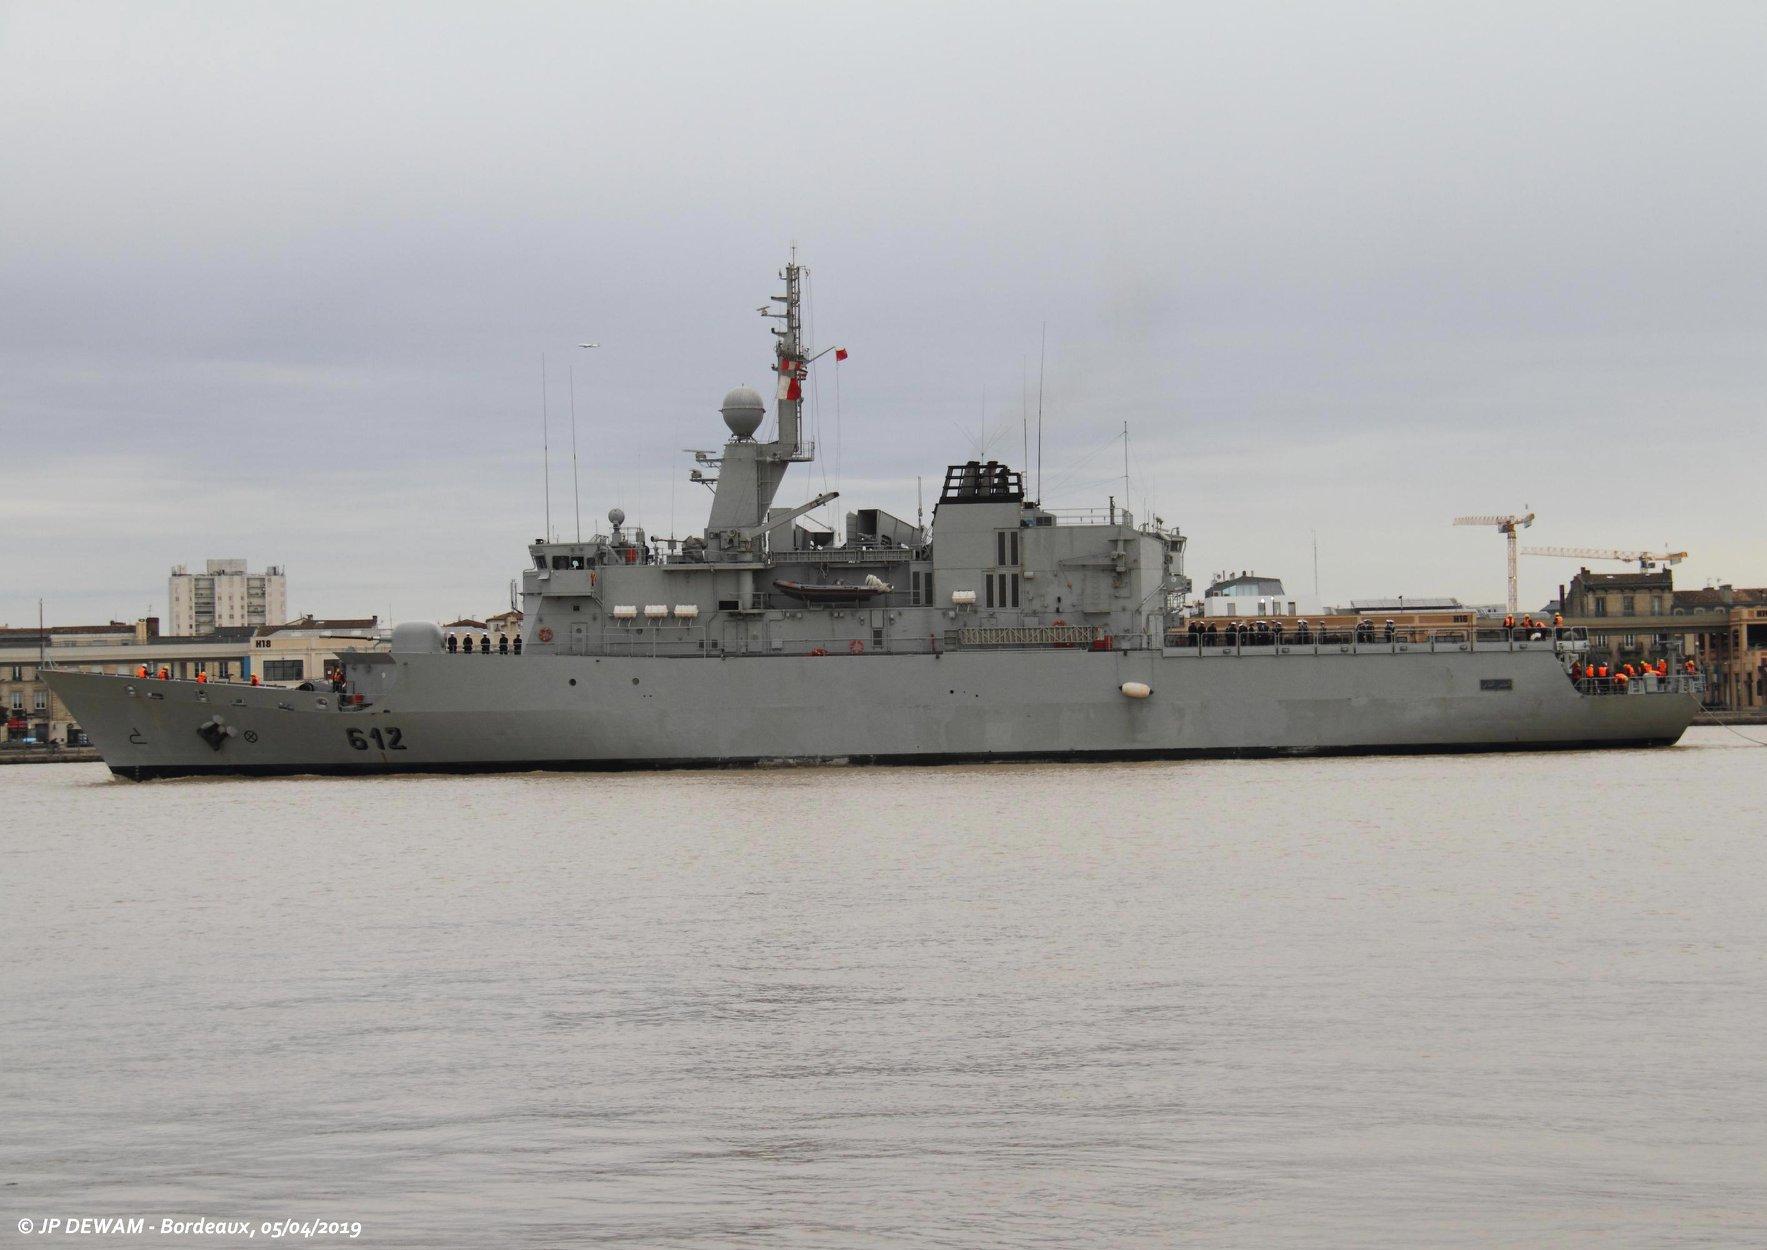 Royal Moroccan Navy Floréal Frigates / Frégates Floréal Marocaines - Page 14 33674732678_c91ec2bb8f_o